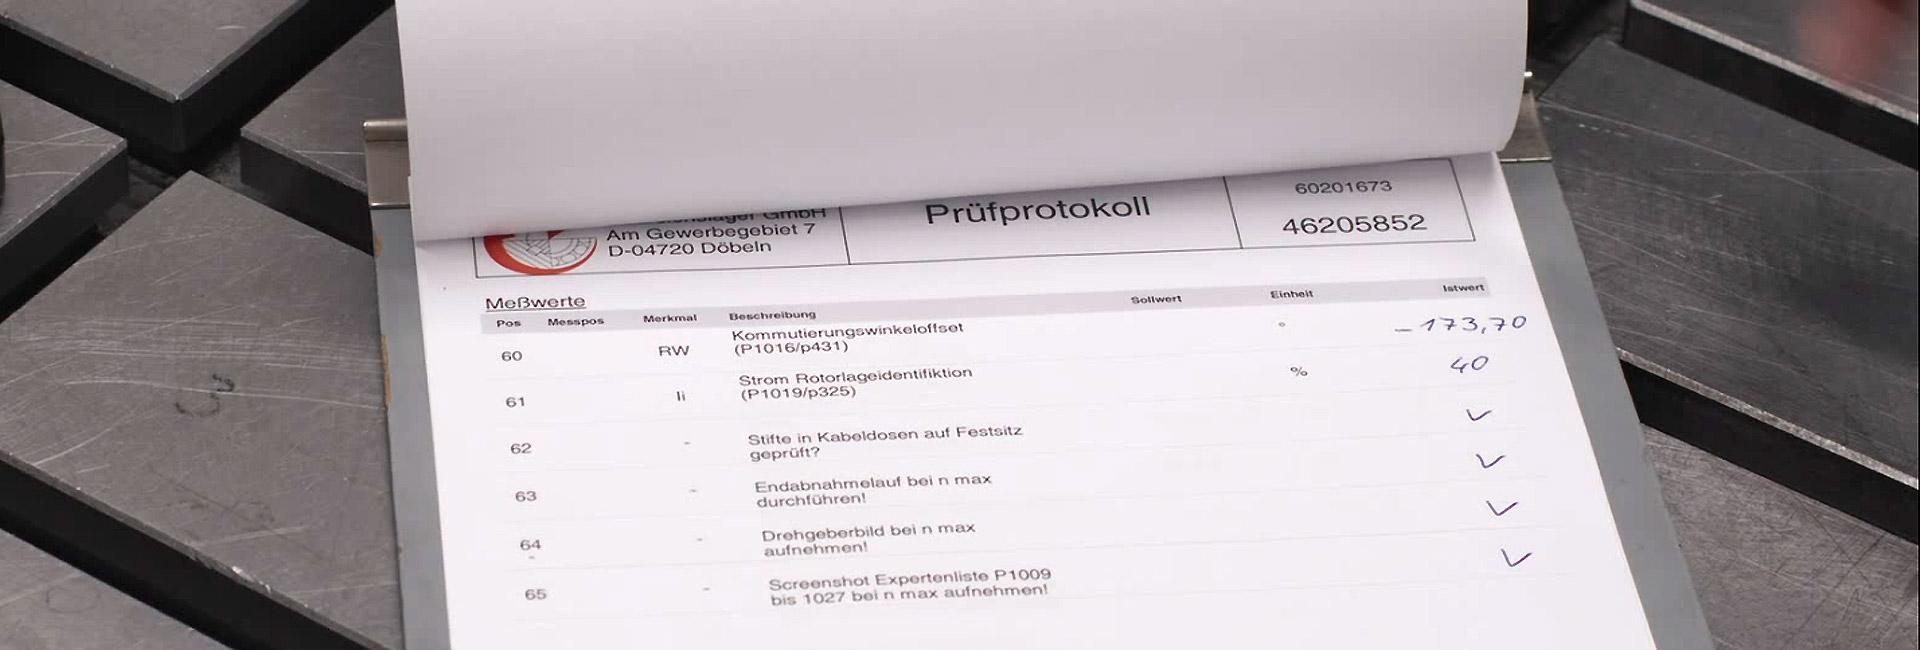 Prüfprotokoll | SPL Spindel und Präszisionslager GmbH